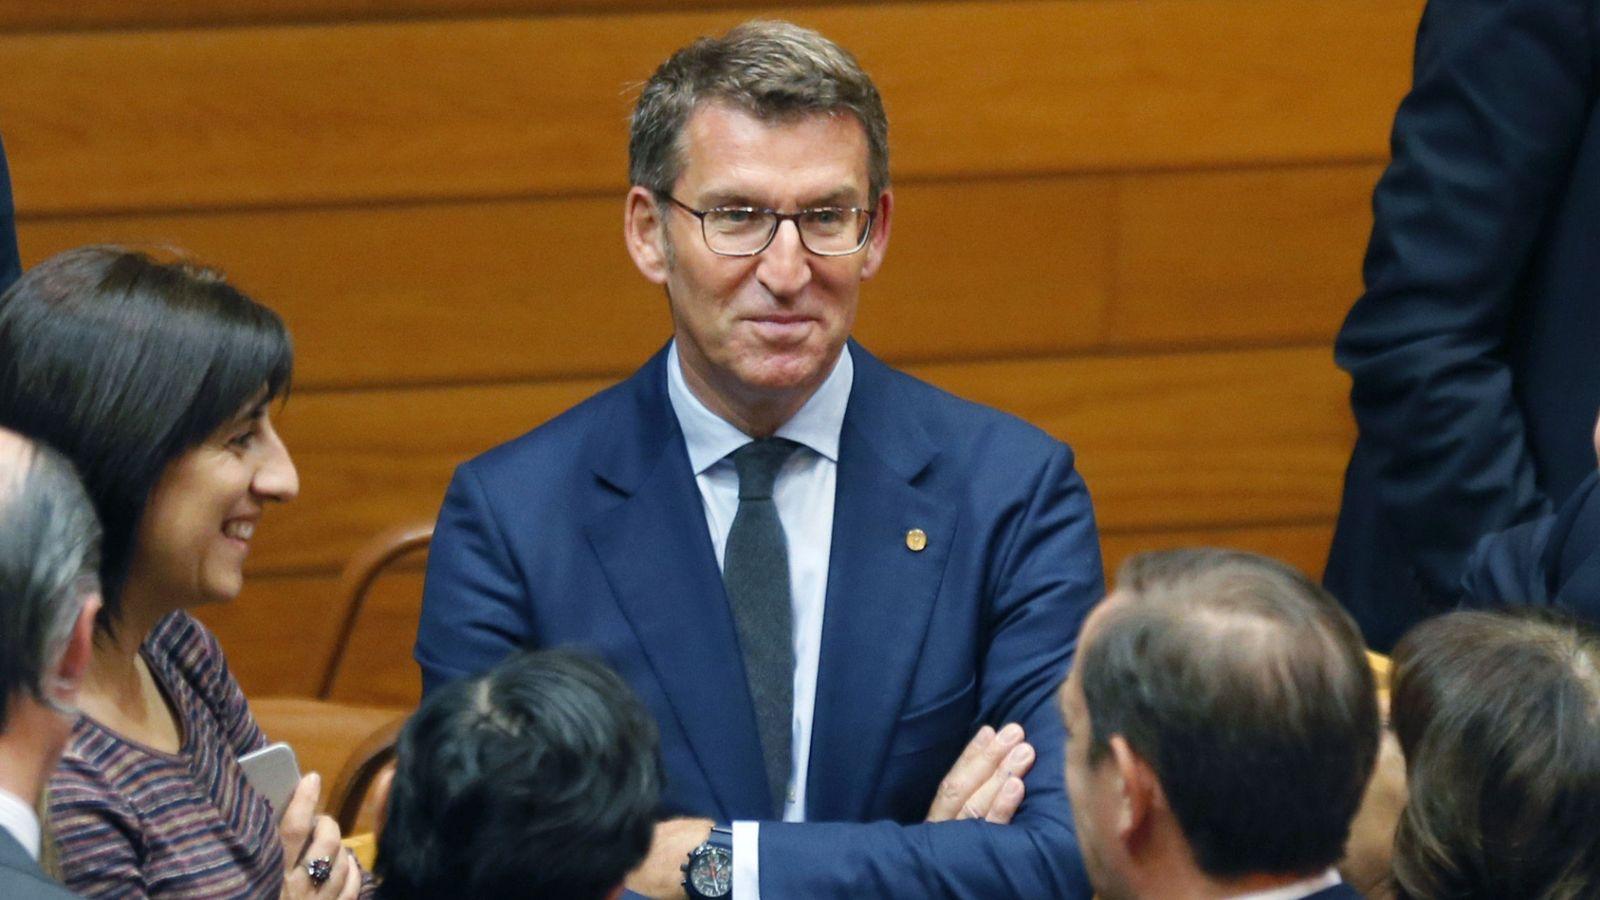 Foto: El presidente de la Xunta de Galicia, Alberto Nüñez Feijóo, en el debate de investidura. (EFE)